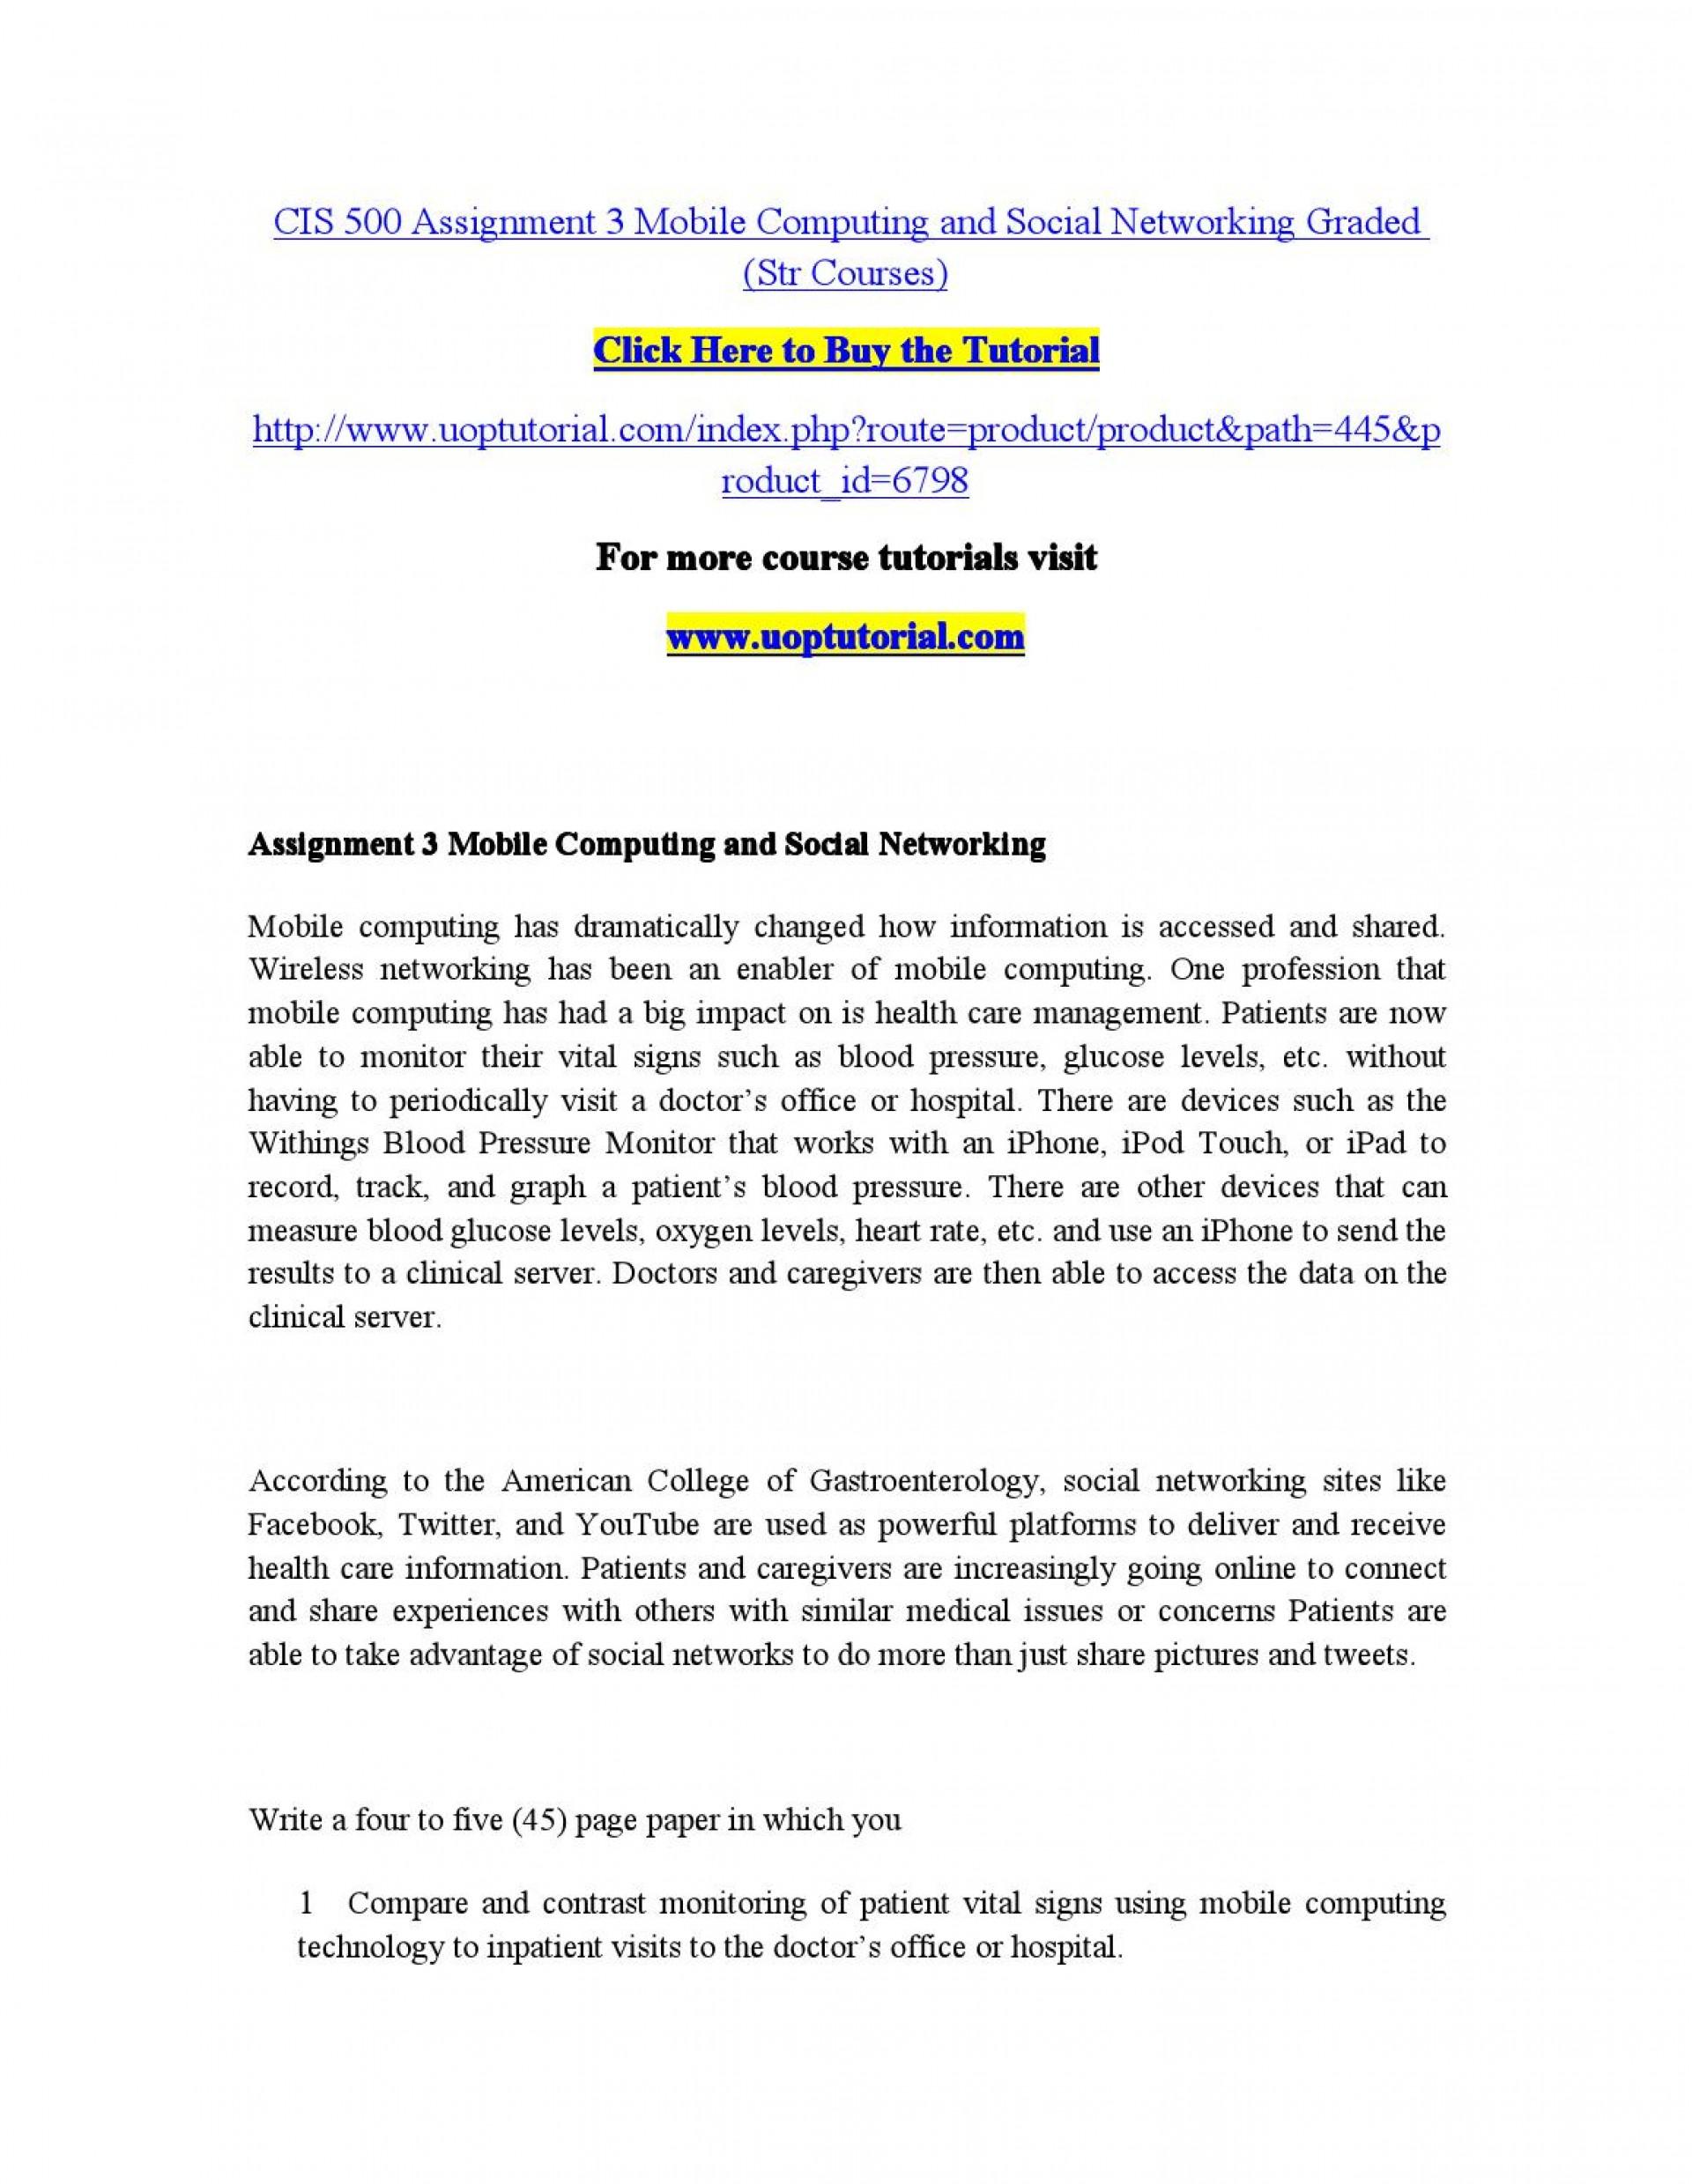 002 Essay Example Essayer Conjugaison Page 1 Shocking à L'imparfait Larousse Imparfait 1920